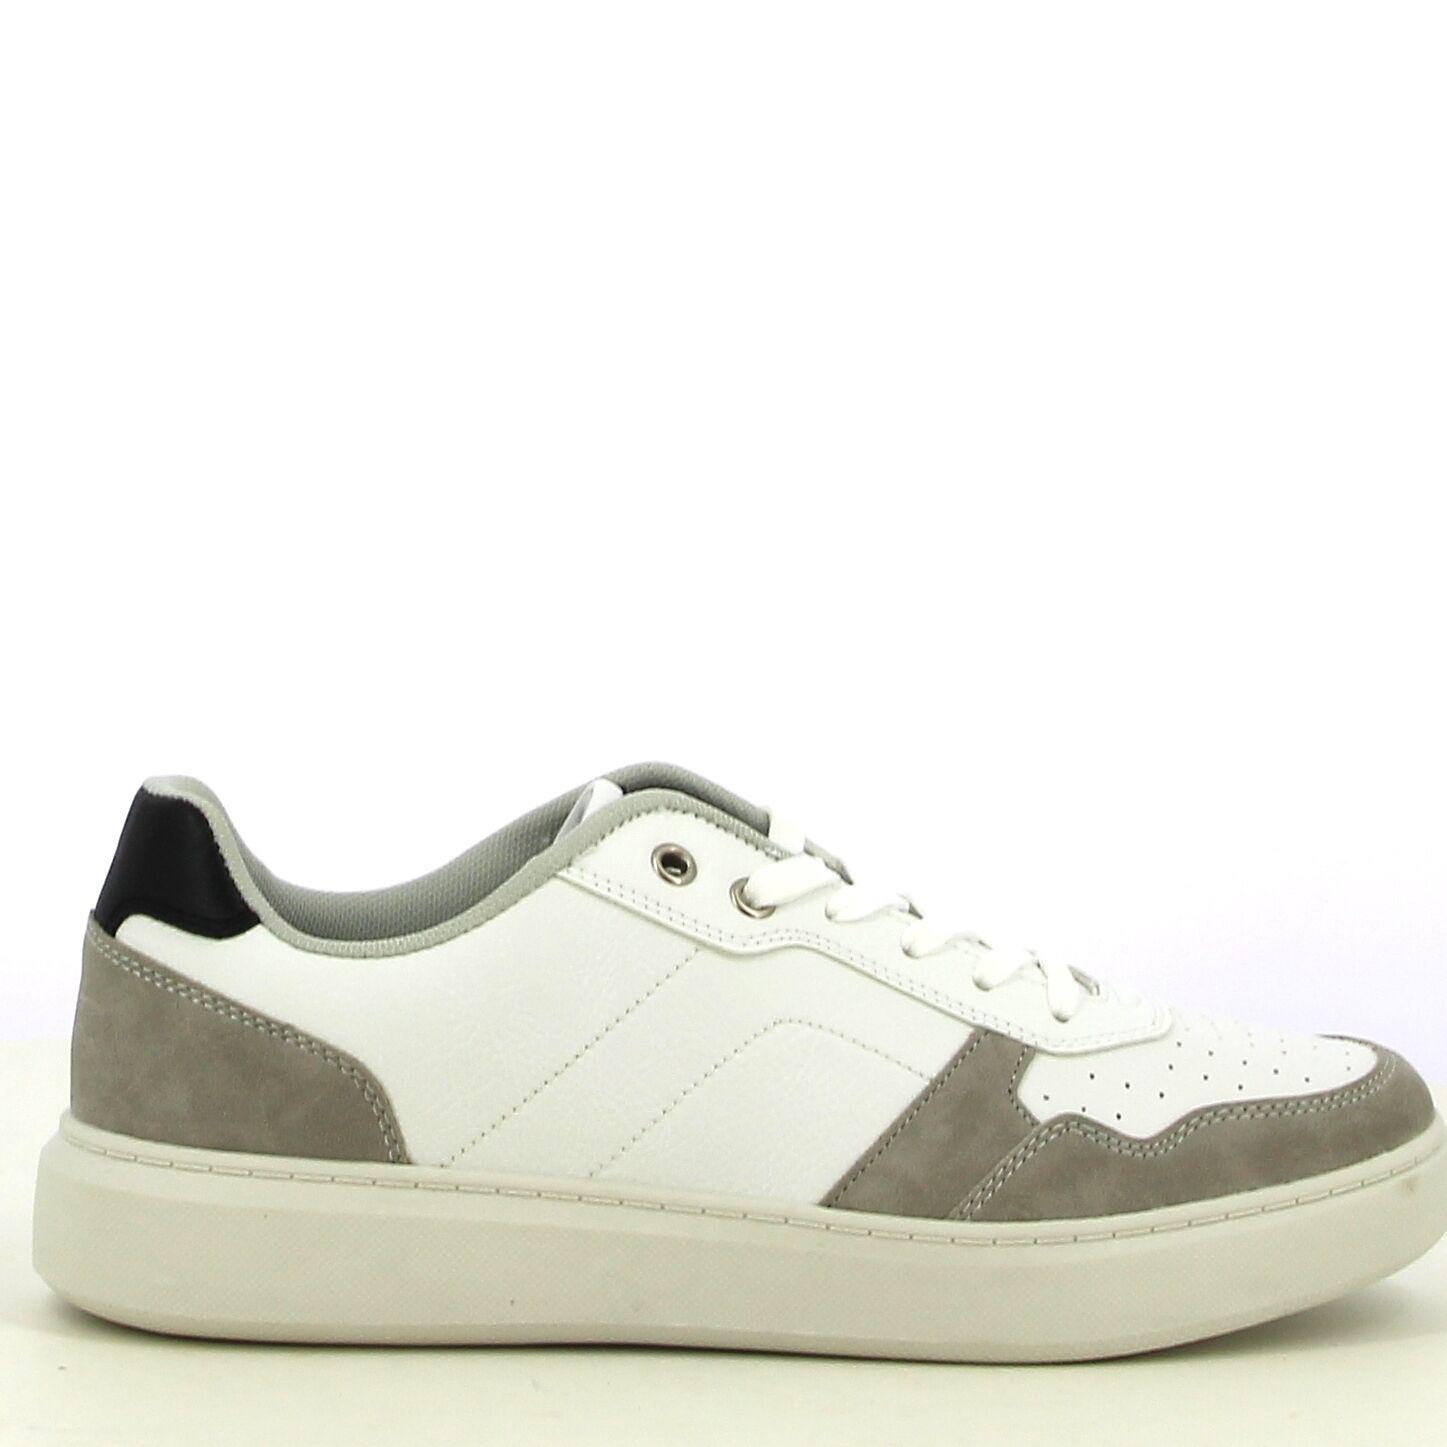 Ken Shoe Fashion - Wit/Grijs - Sneakers